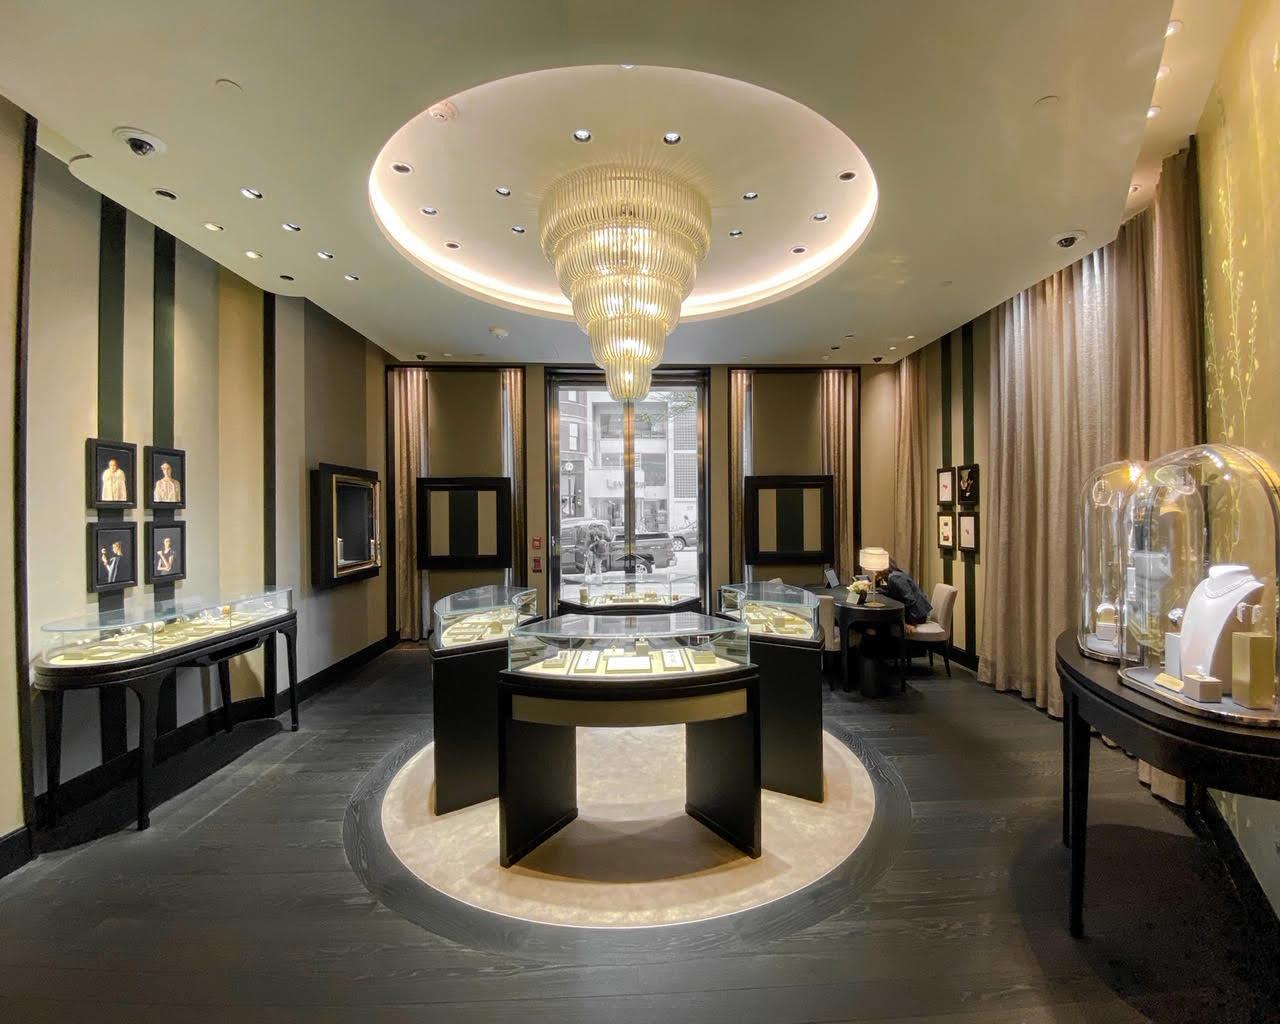 Van Cleef & Arpels store interior